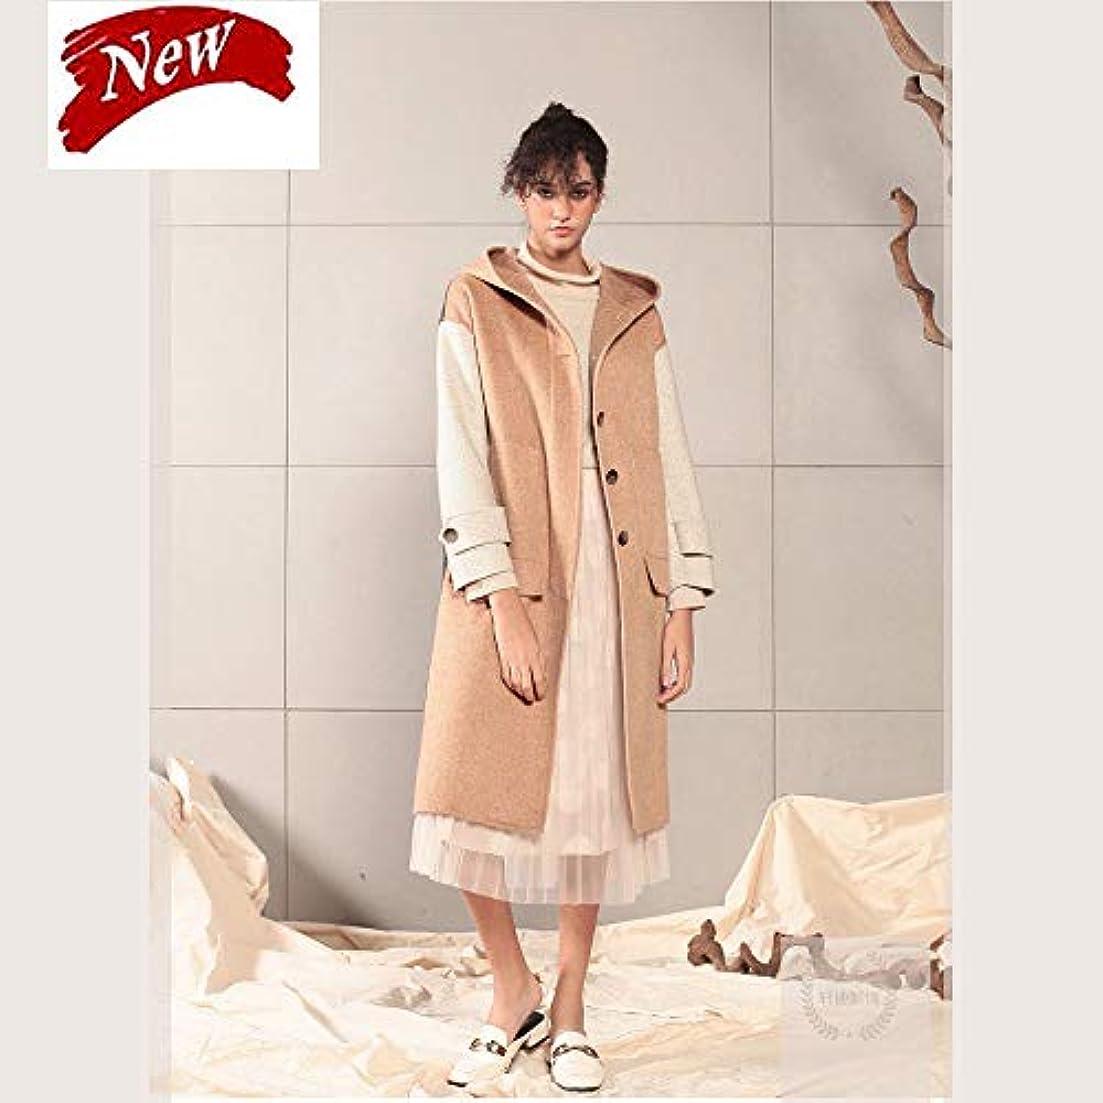 電化するそれ一回ウールコート、女性の秋と冬のコートカラーマッチングコート両面ウールコートウールコートレディースコートレディースウインドブレーカージャケット,ブラウン,S